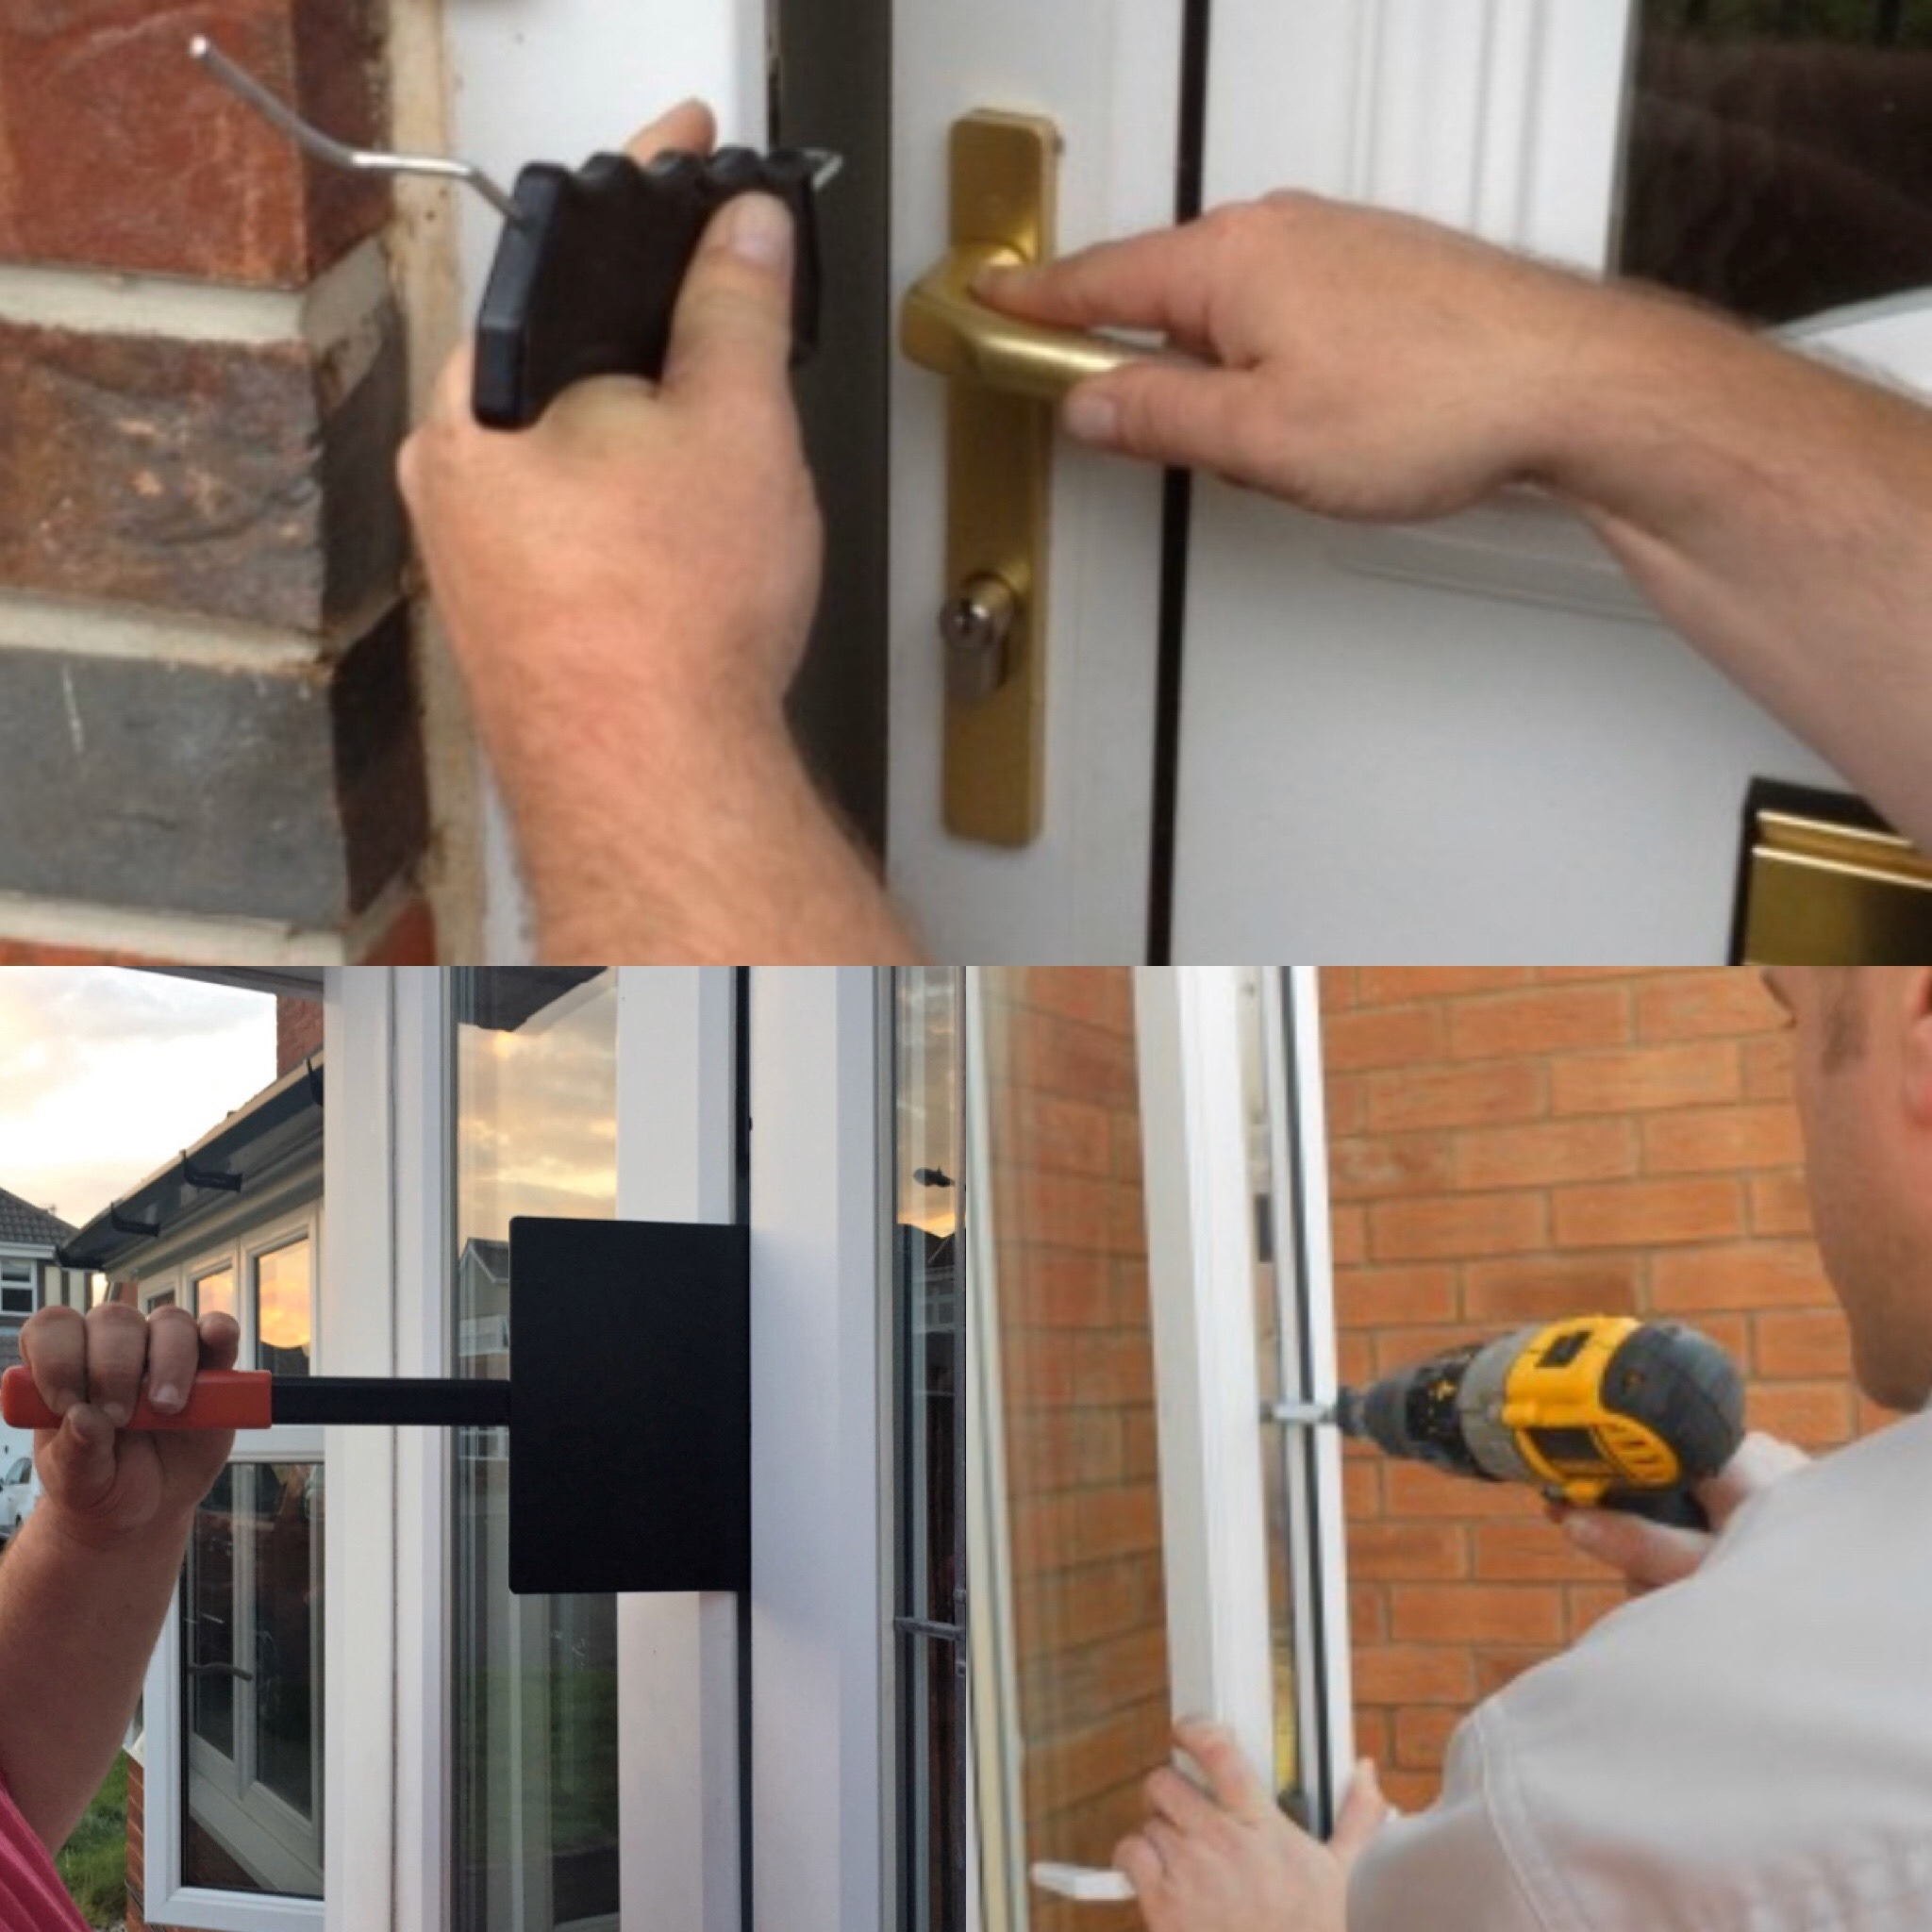 How to open a Upvc door with a broken multipoint lock